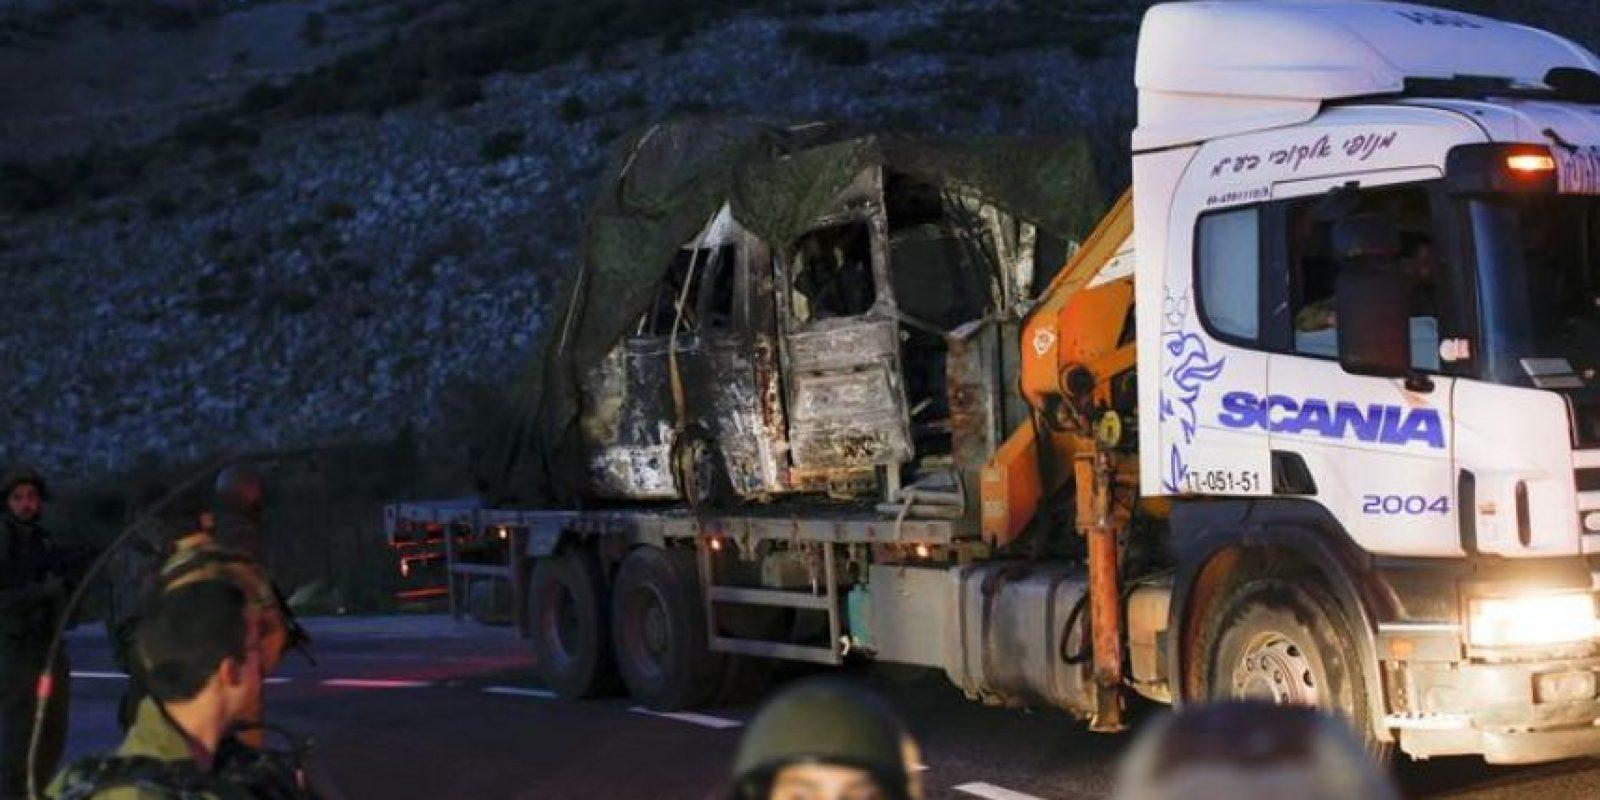 Vista del vehículo militar israelí alcanzado por un misil antitanque disparado por el grupo libanés chií Hizbulá contra un convoy militar, en Har Dov, en la frontera de Israel con el Líbano, cerca del lugar donde se produjo el citado ataque de Hizbulá, hoy, miércoles 28 de enero de 2015. EFE